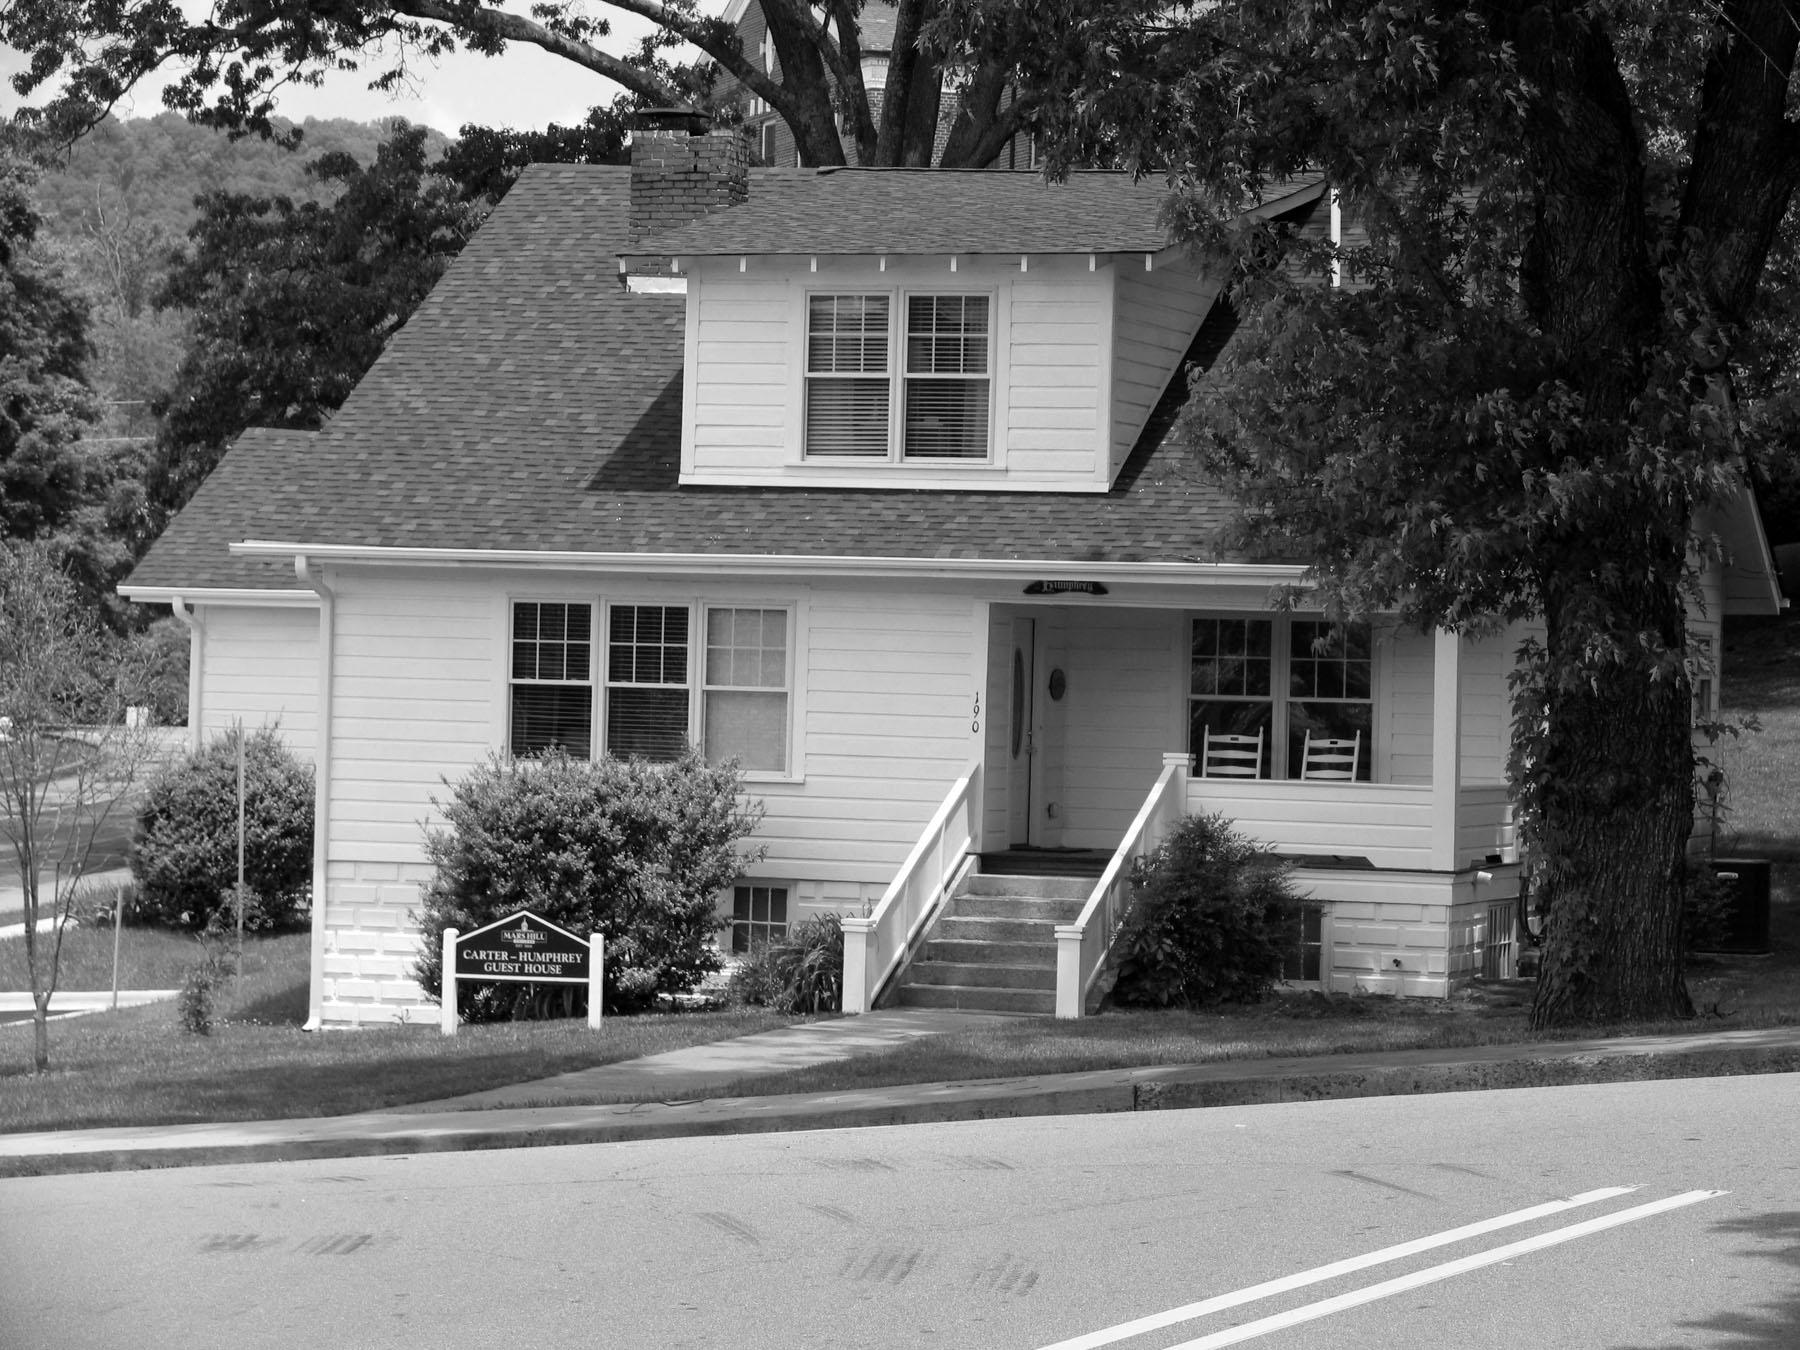 The Carter Humphrey House